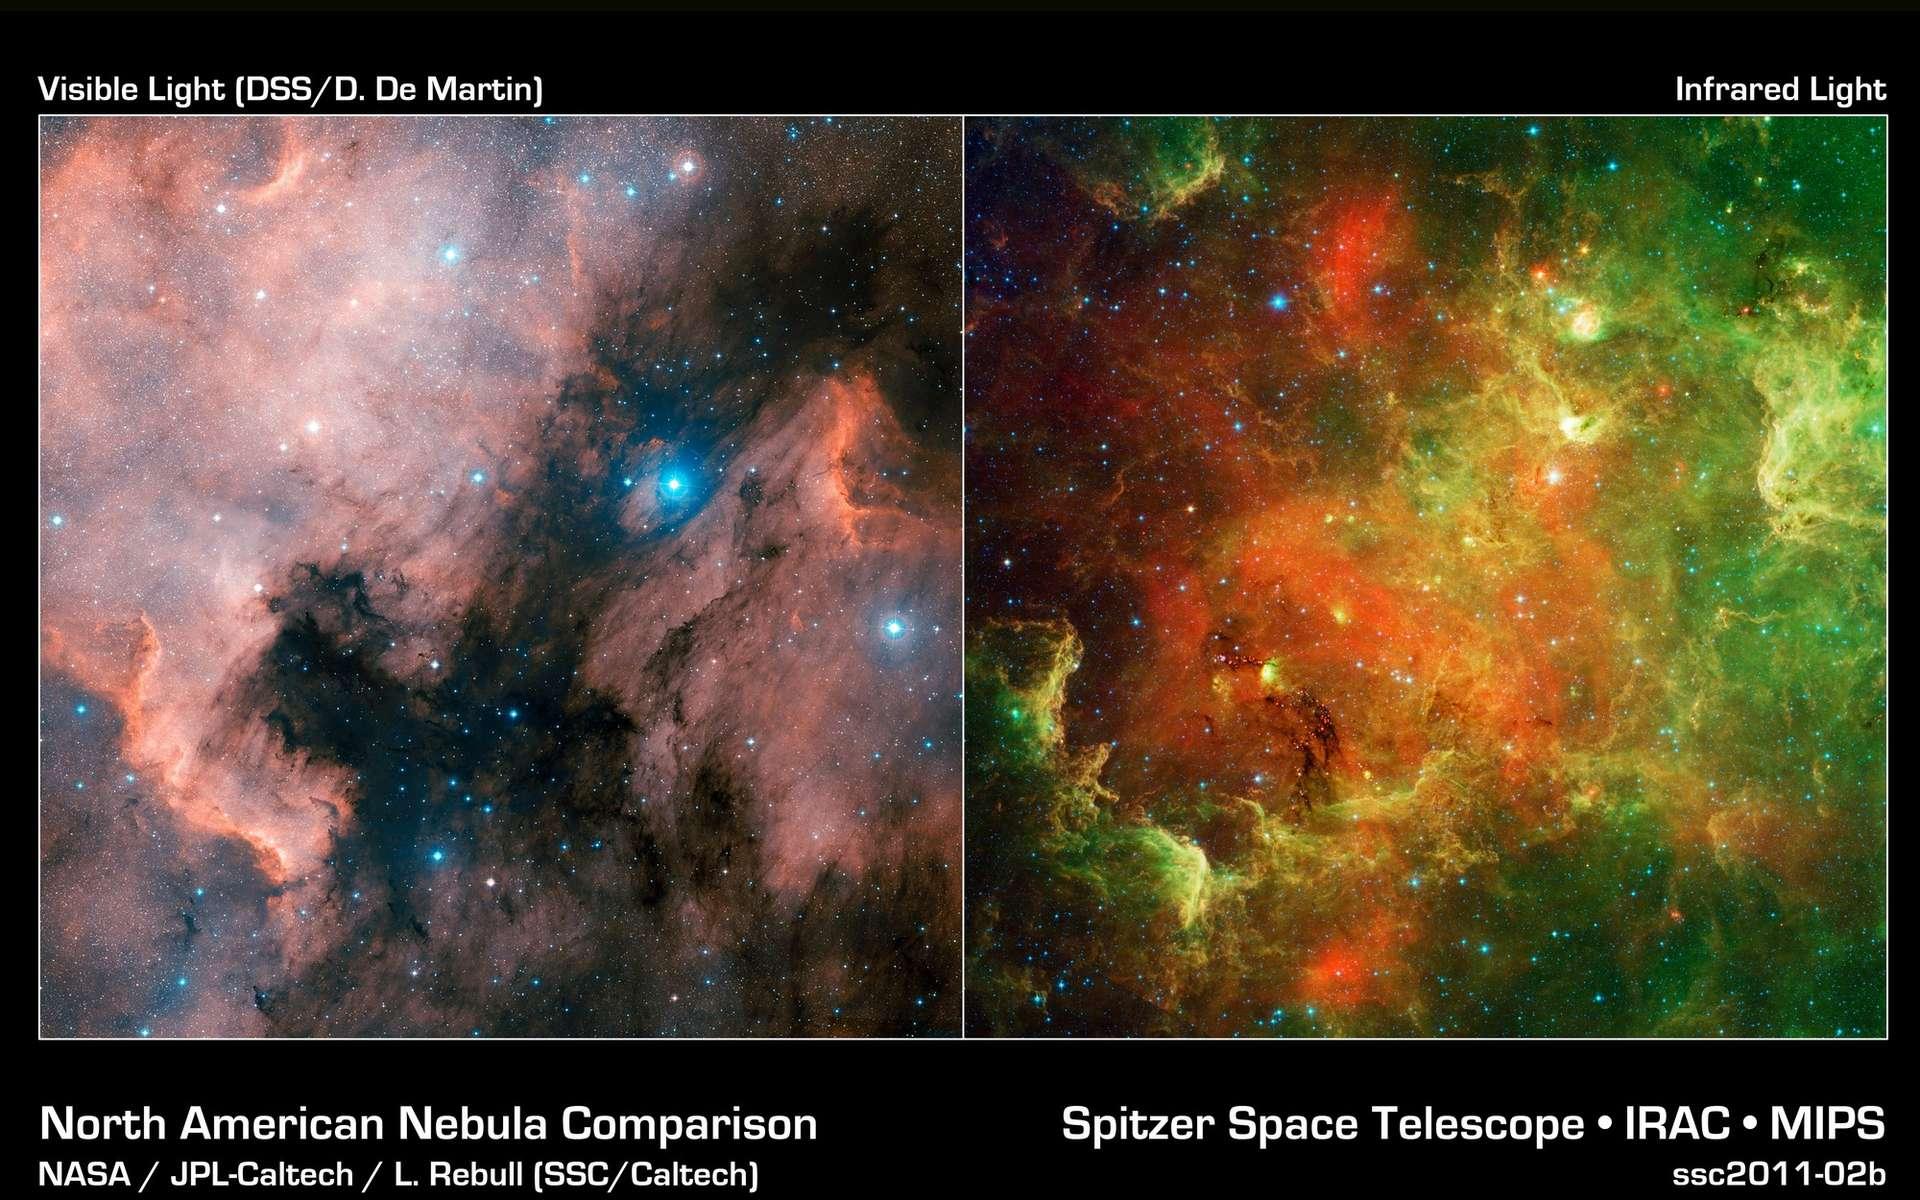 Comparaison de deux images de la nébuleuse NGC 7000, à gauche dans le visible, à droite la vision de Spitzer dans l'infrarouge. © Nasa/JPL-Caltech/L. Rebull (SSC-Caltech)